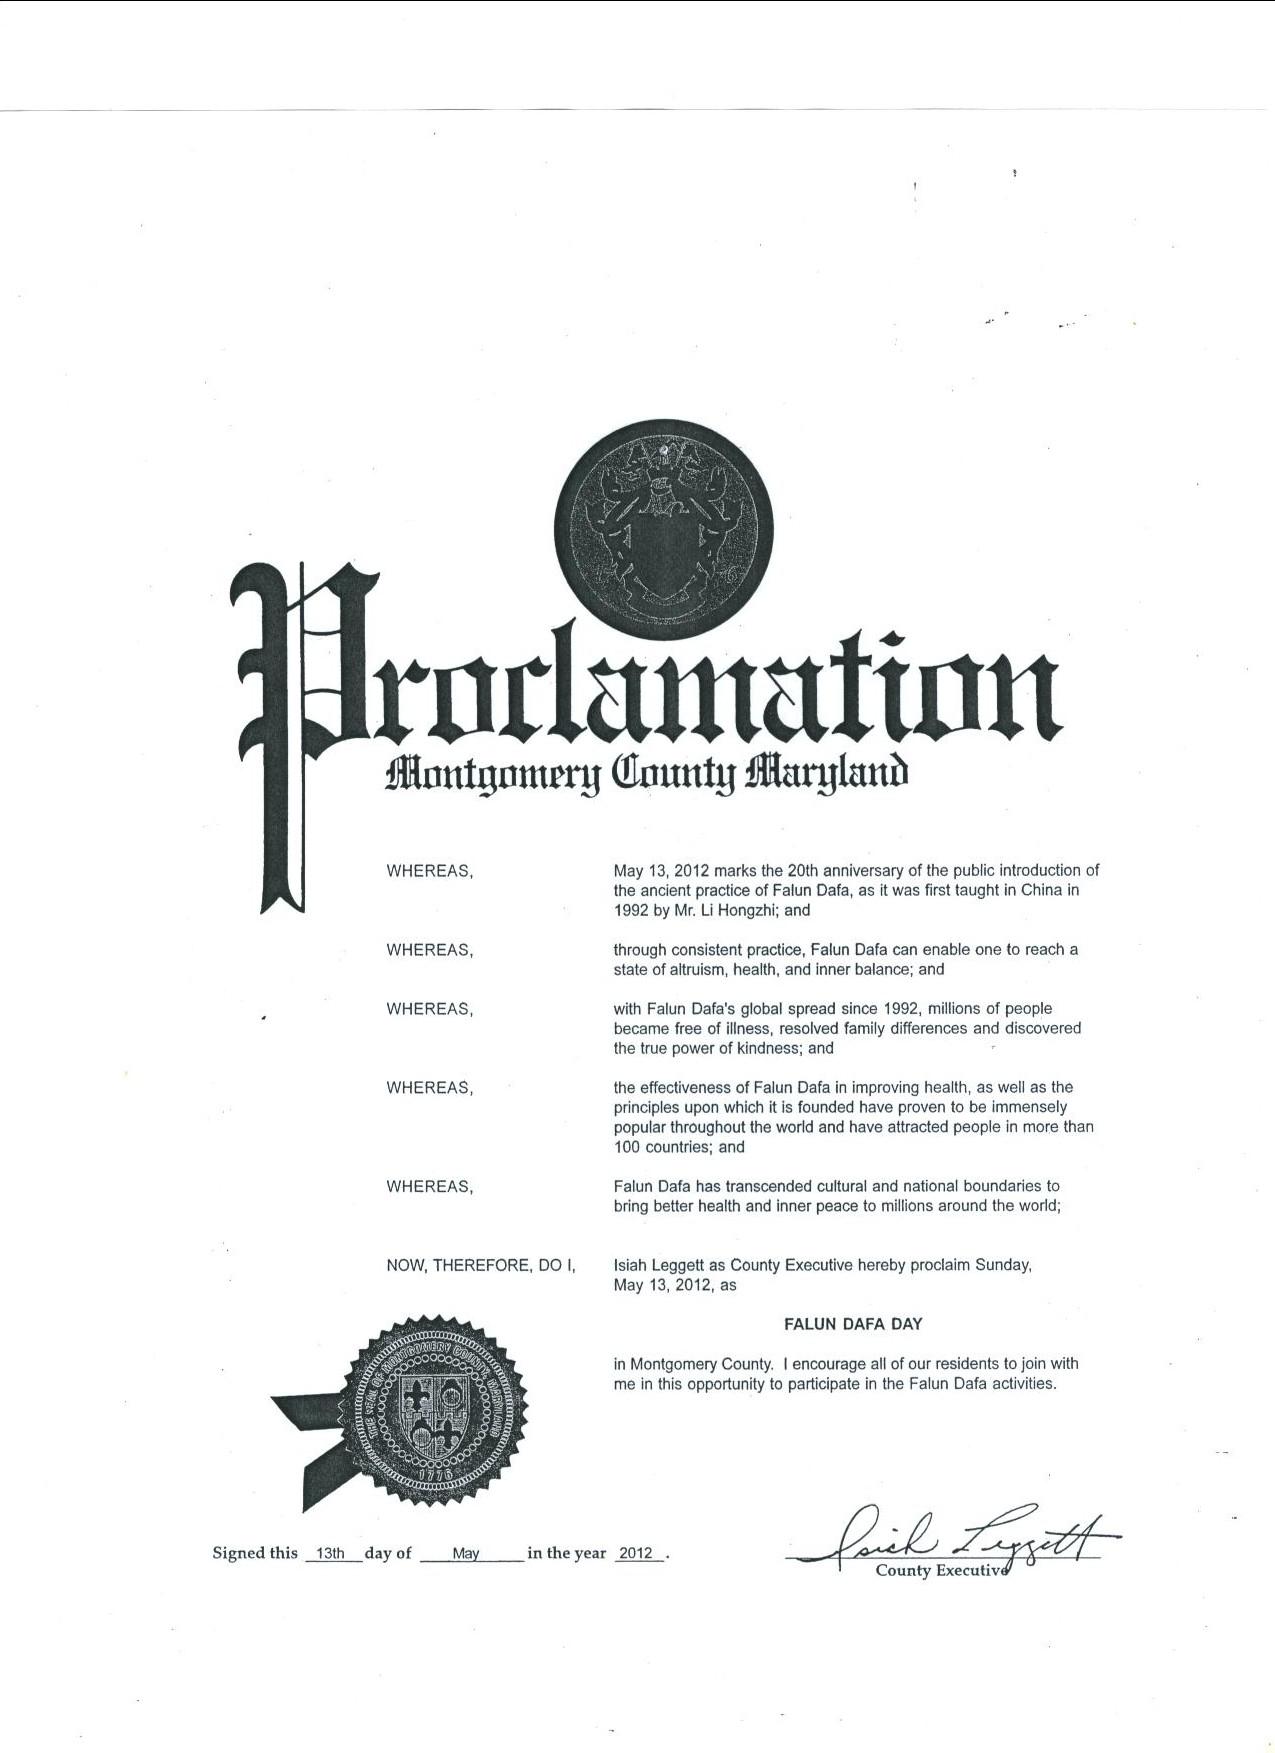 Washington DC Celebrates Falun Dafa Day, Members of